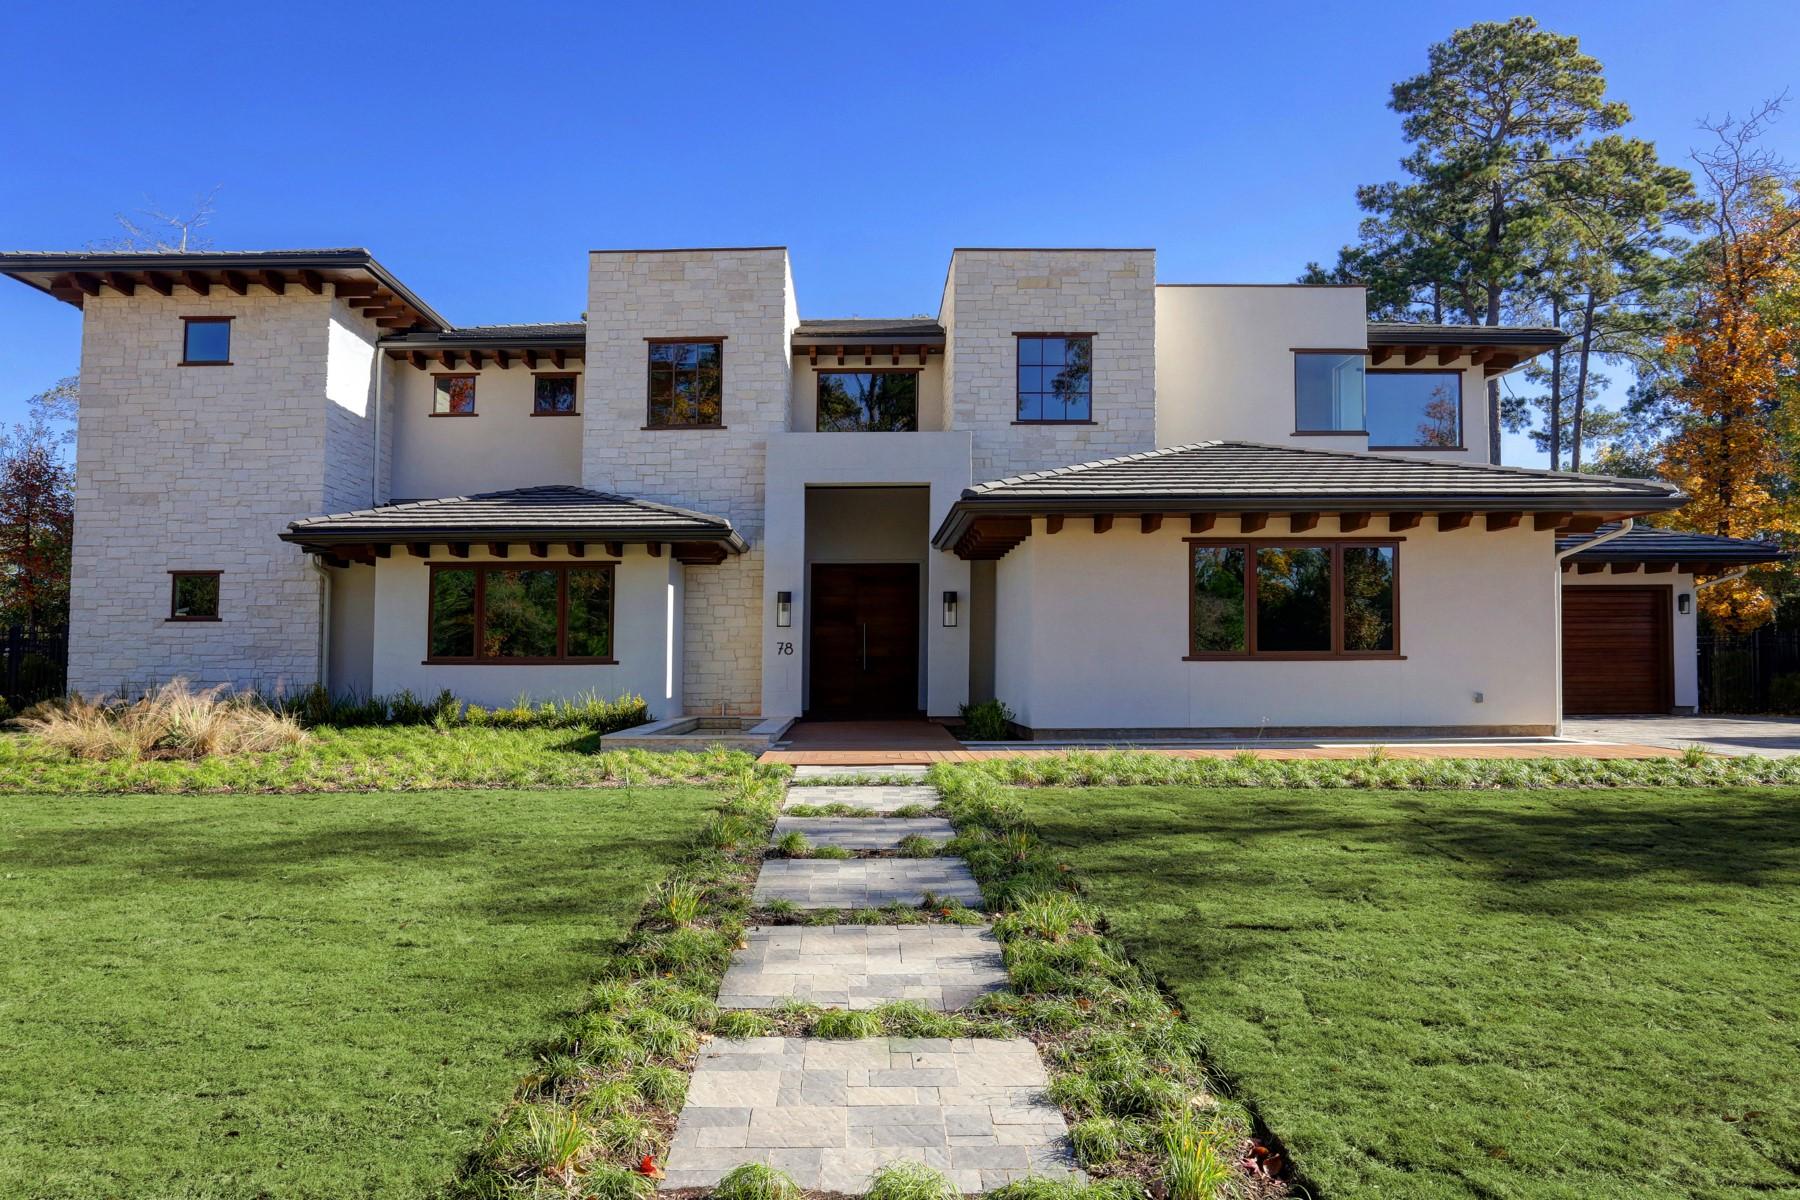 Casa Unifamiliar por un Venta en 78 S Badger Lodge Circle The Woodlands, Texas 77389 Estados Unidos